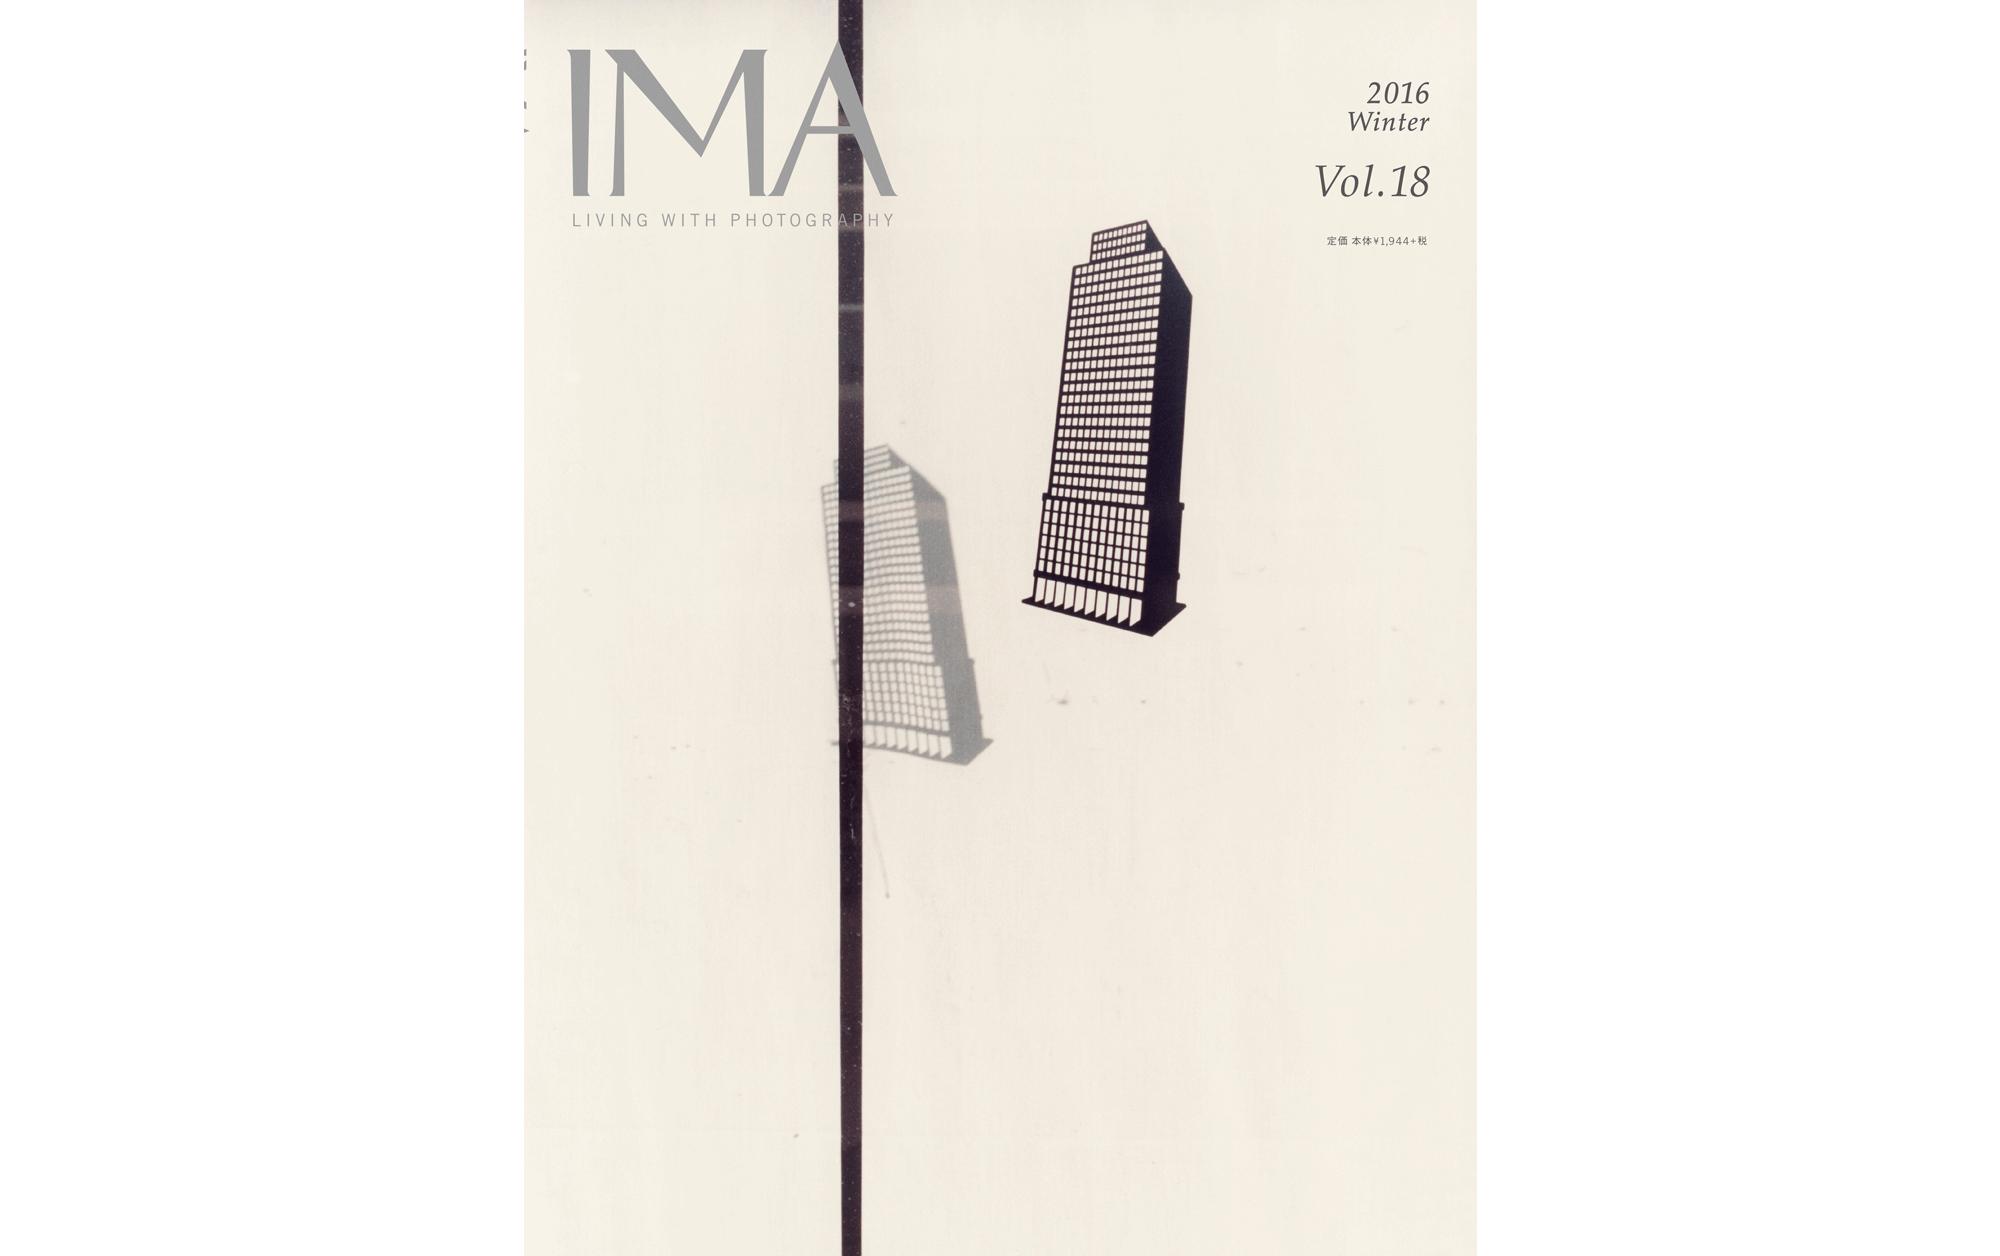 IMA 2016 Winter Vol.18